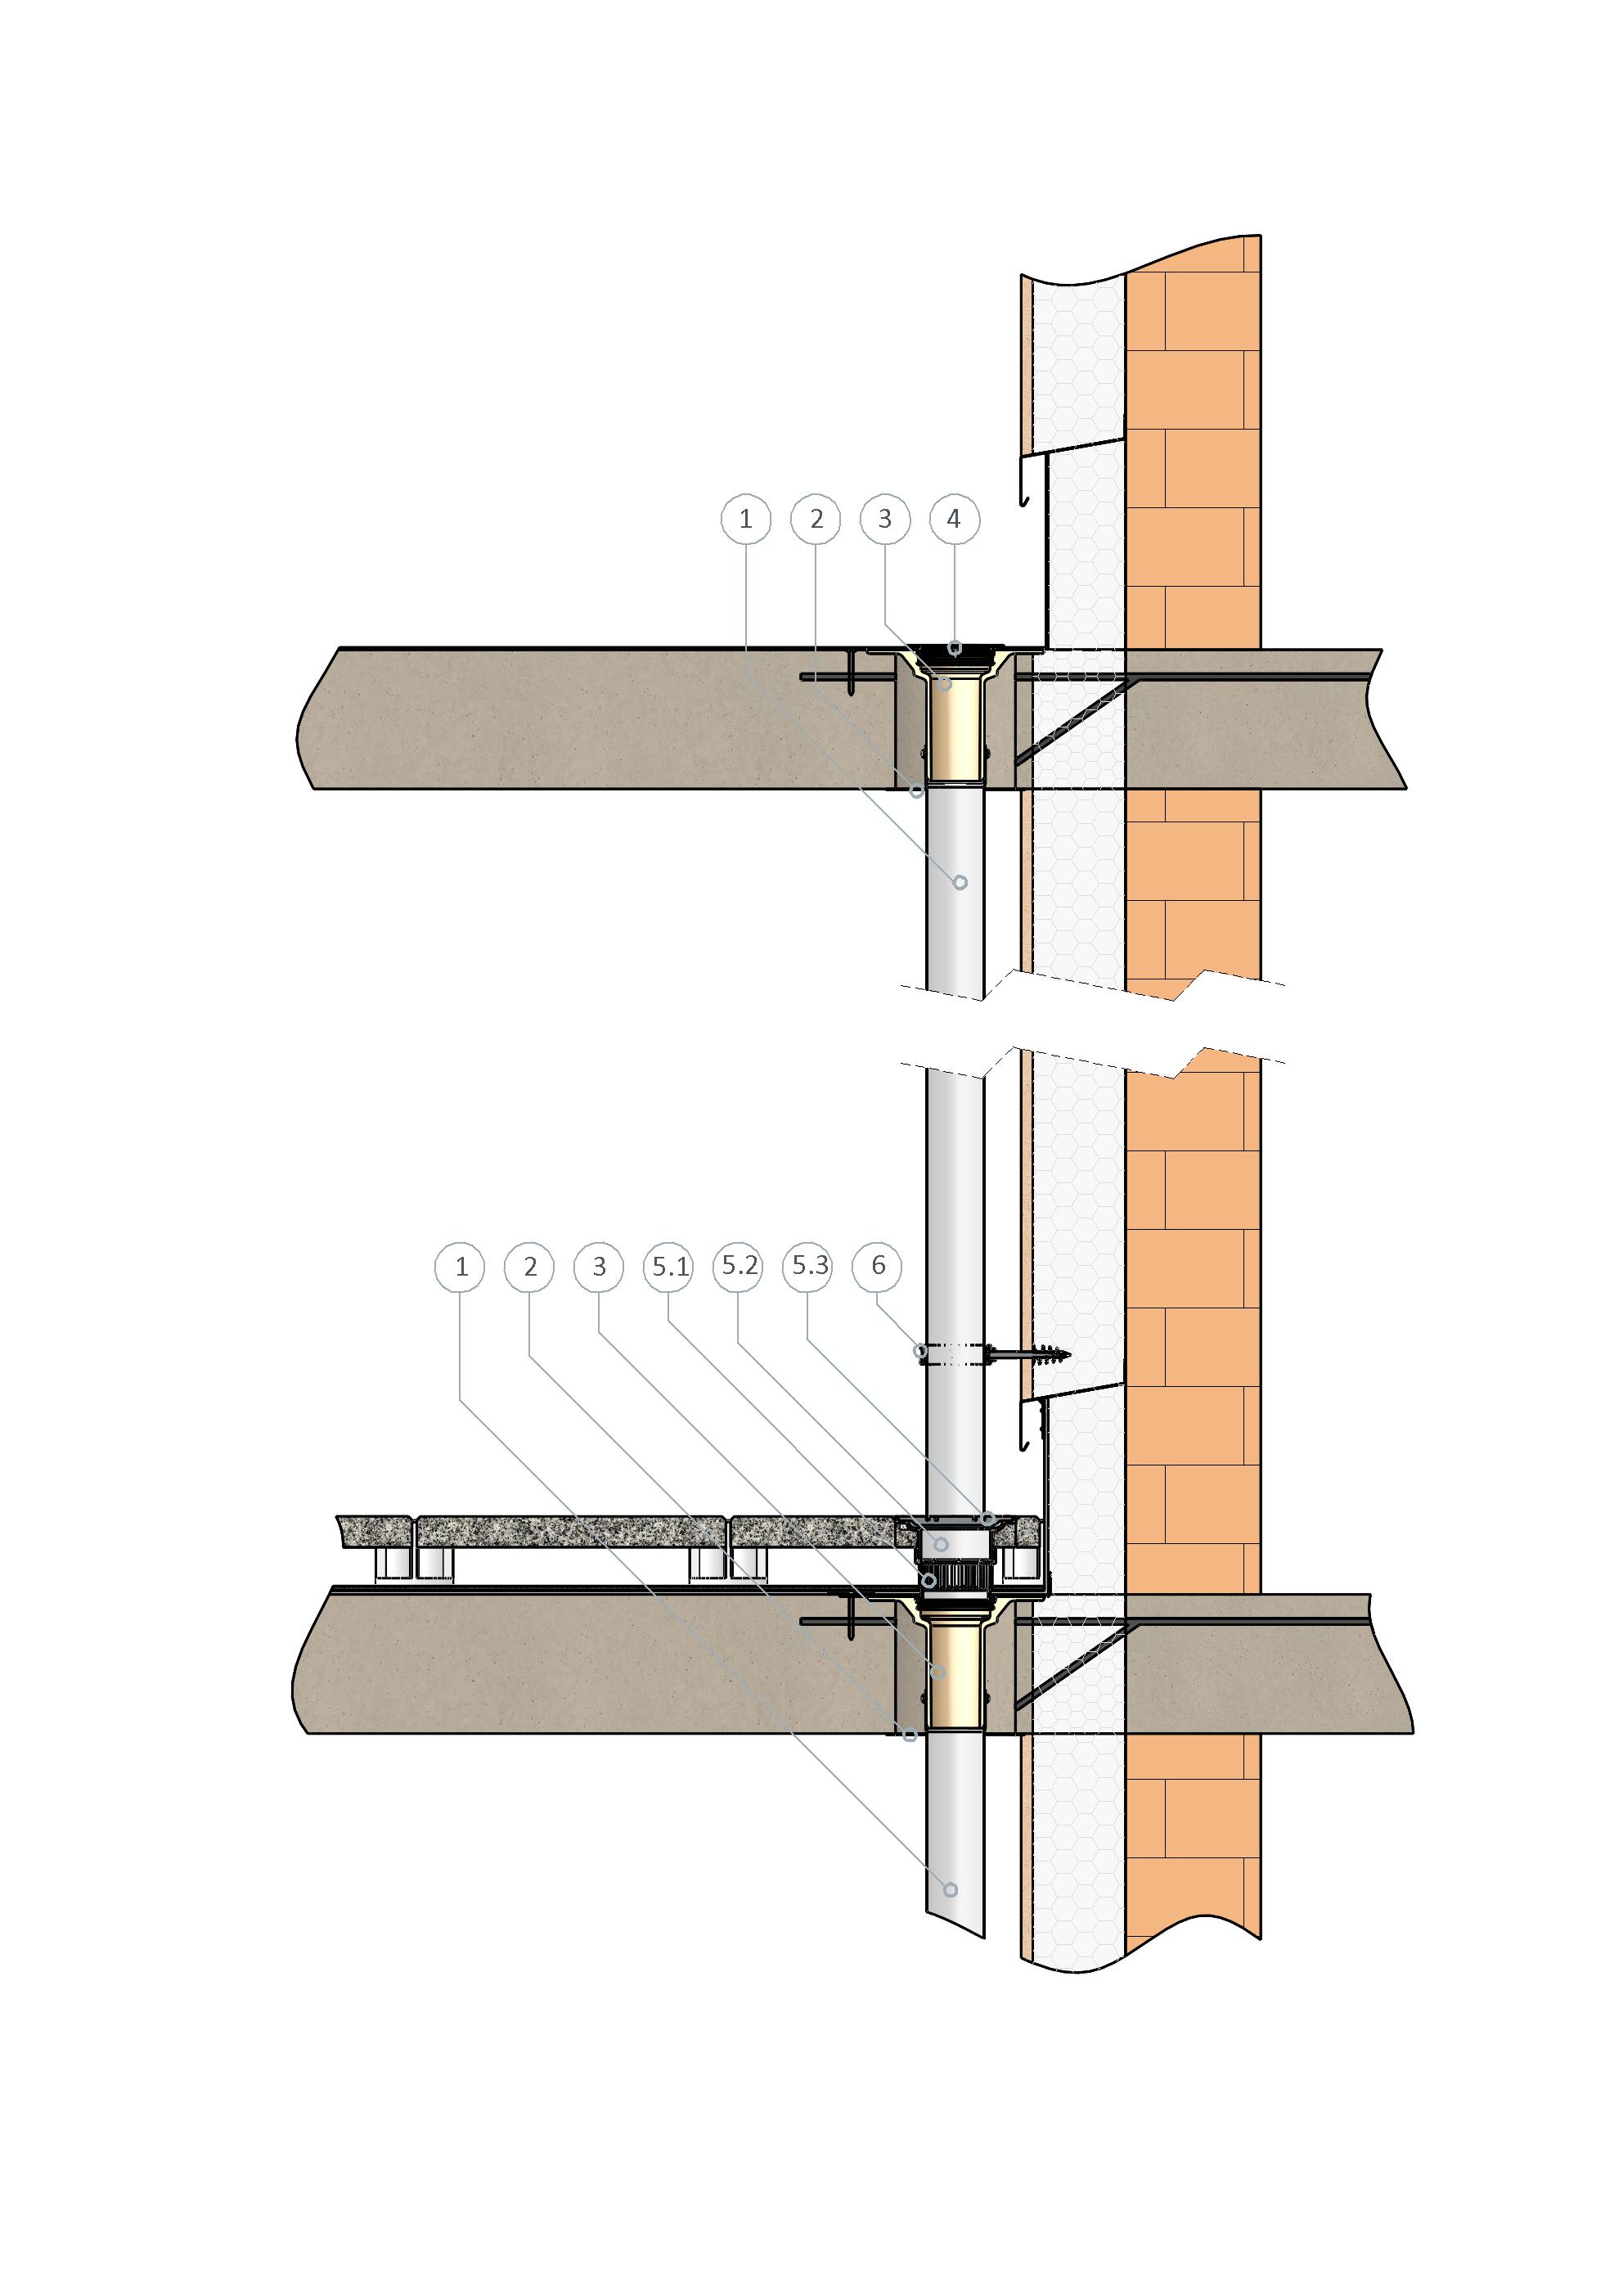 SitaCompact für die Linienentwässerung genutzer Dachflächen